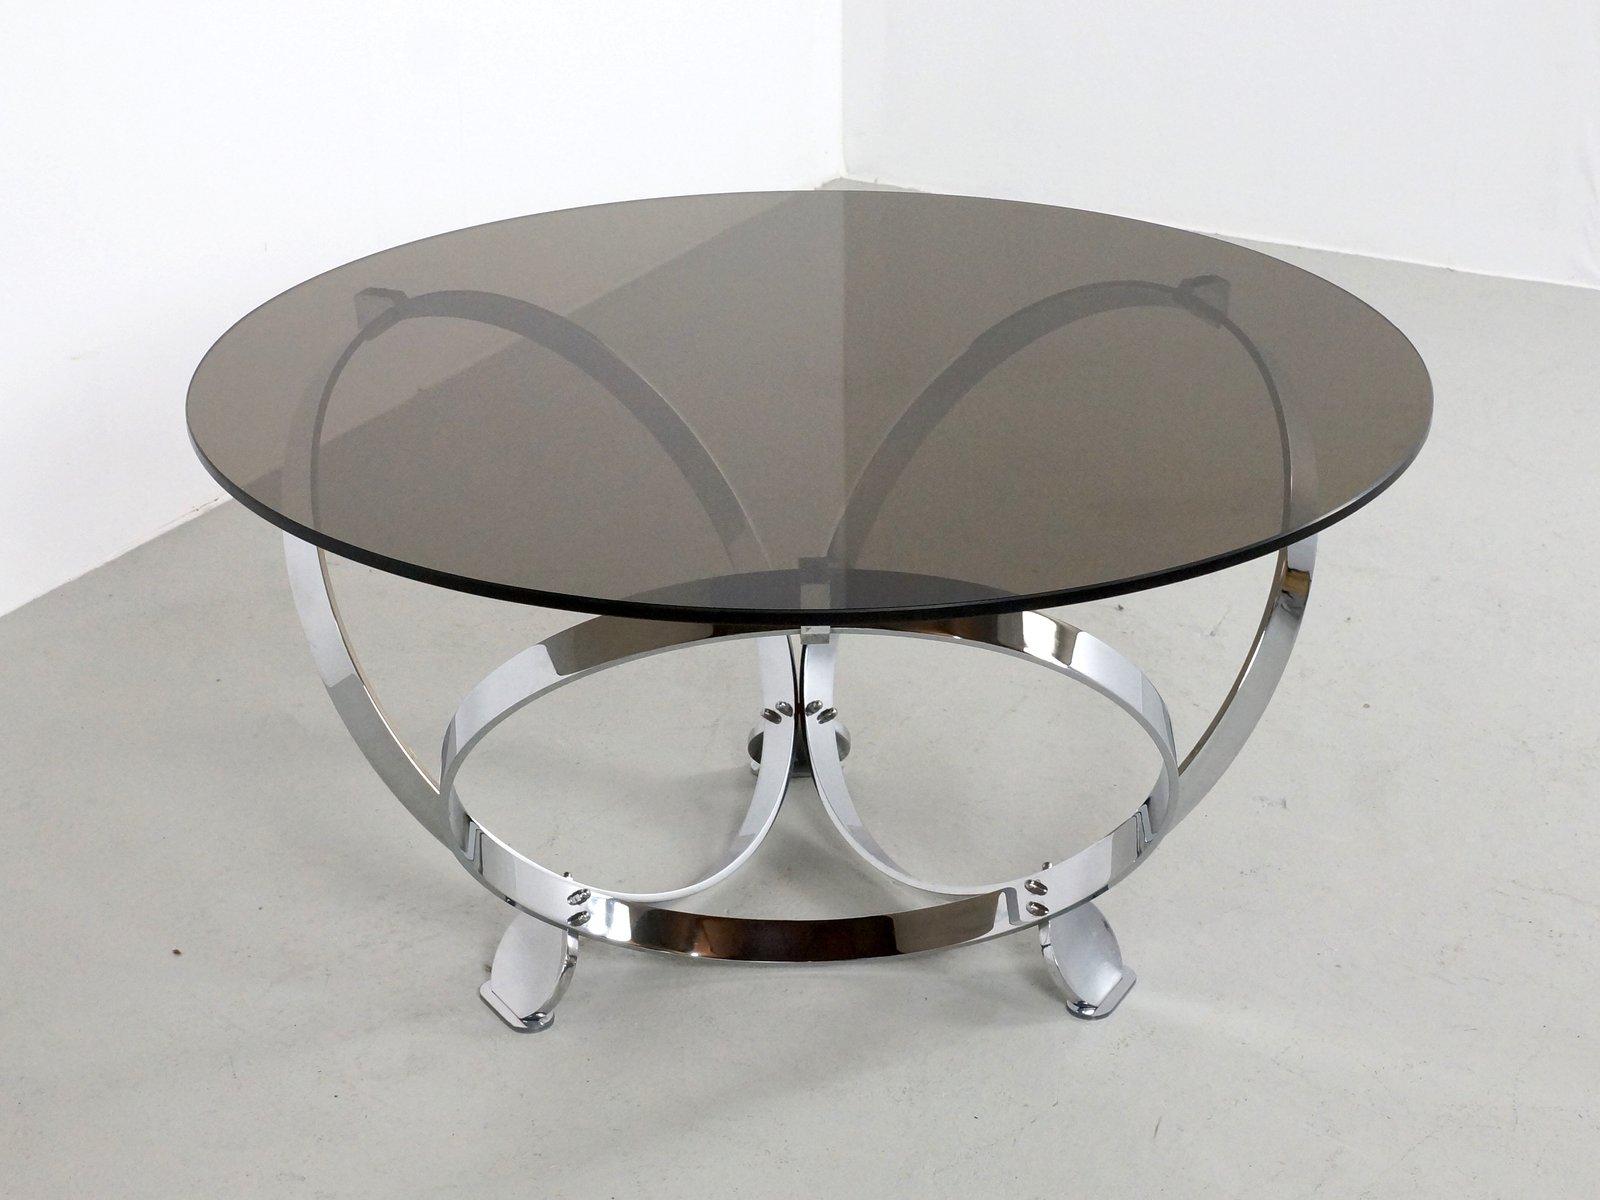 runder chrom und glas couchtisch von knut hesterberg 1970er bei pamono kaufen. Black Bedroom Furniture Sets. Home Design Ideas